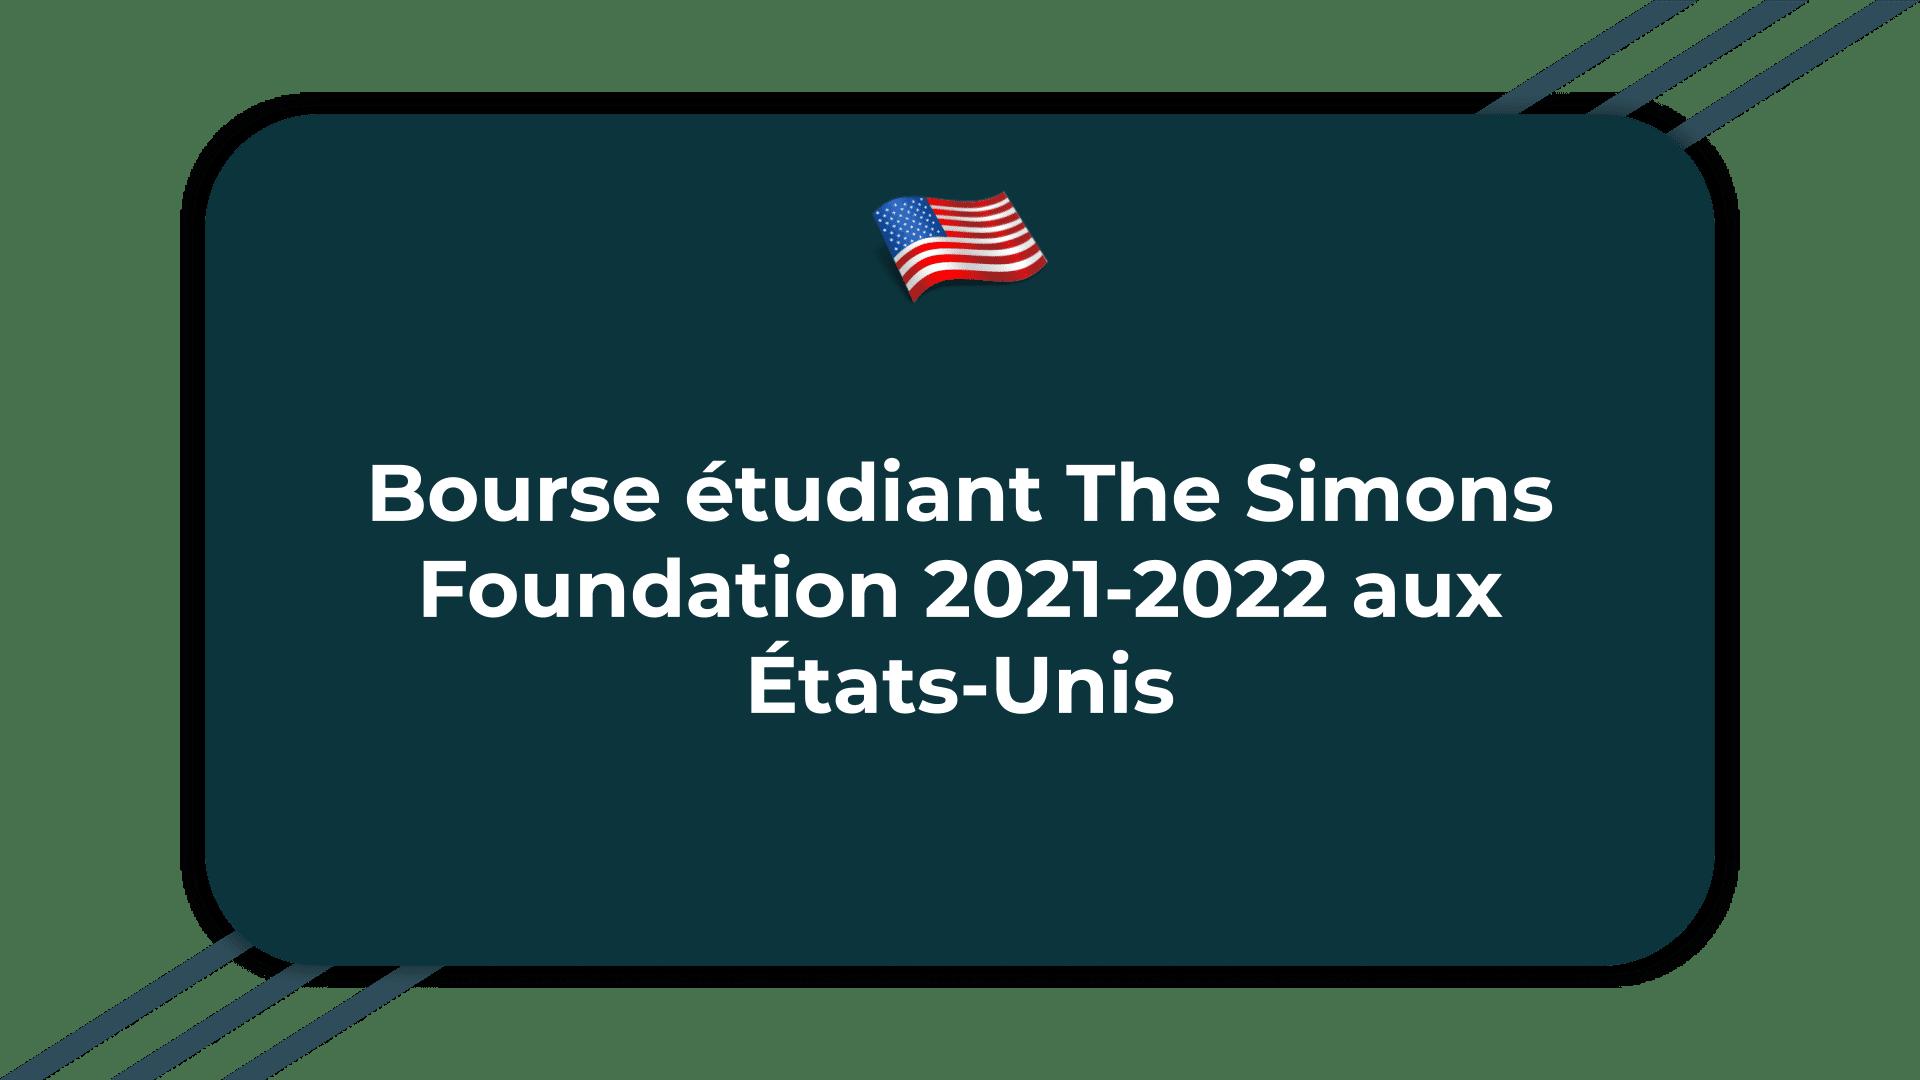 Bourse étudiant The Simons Foundation